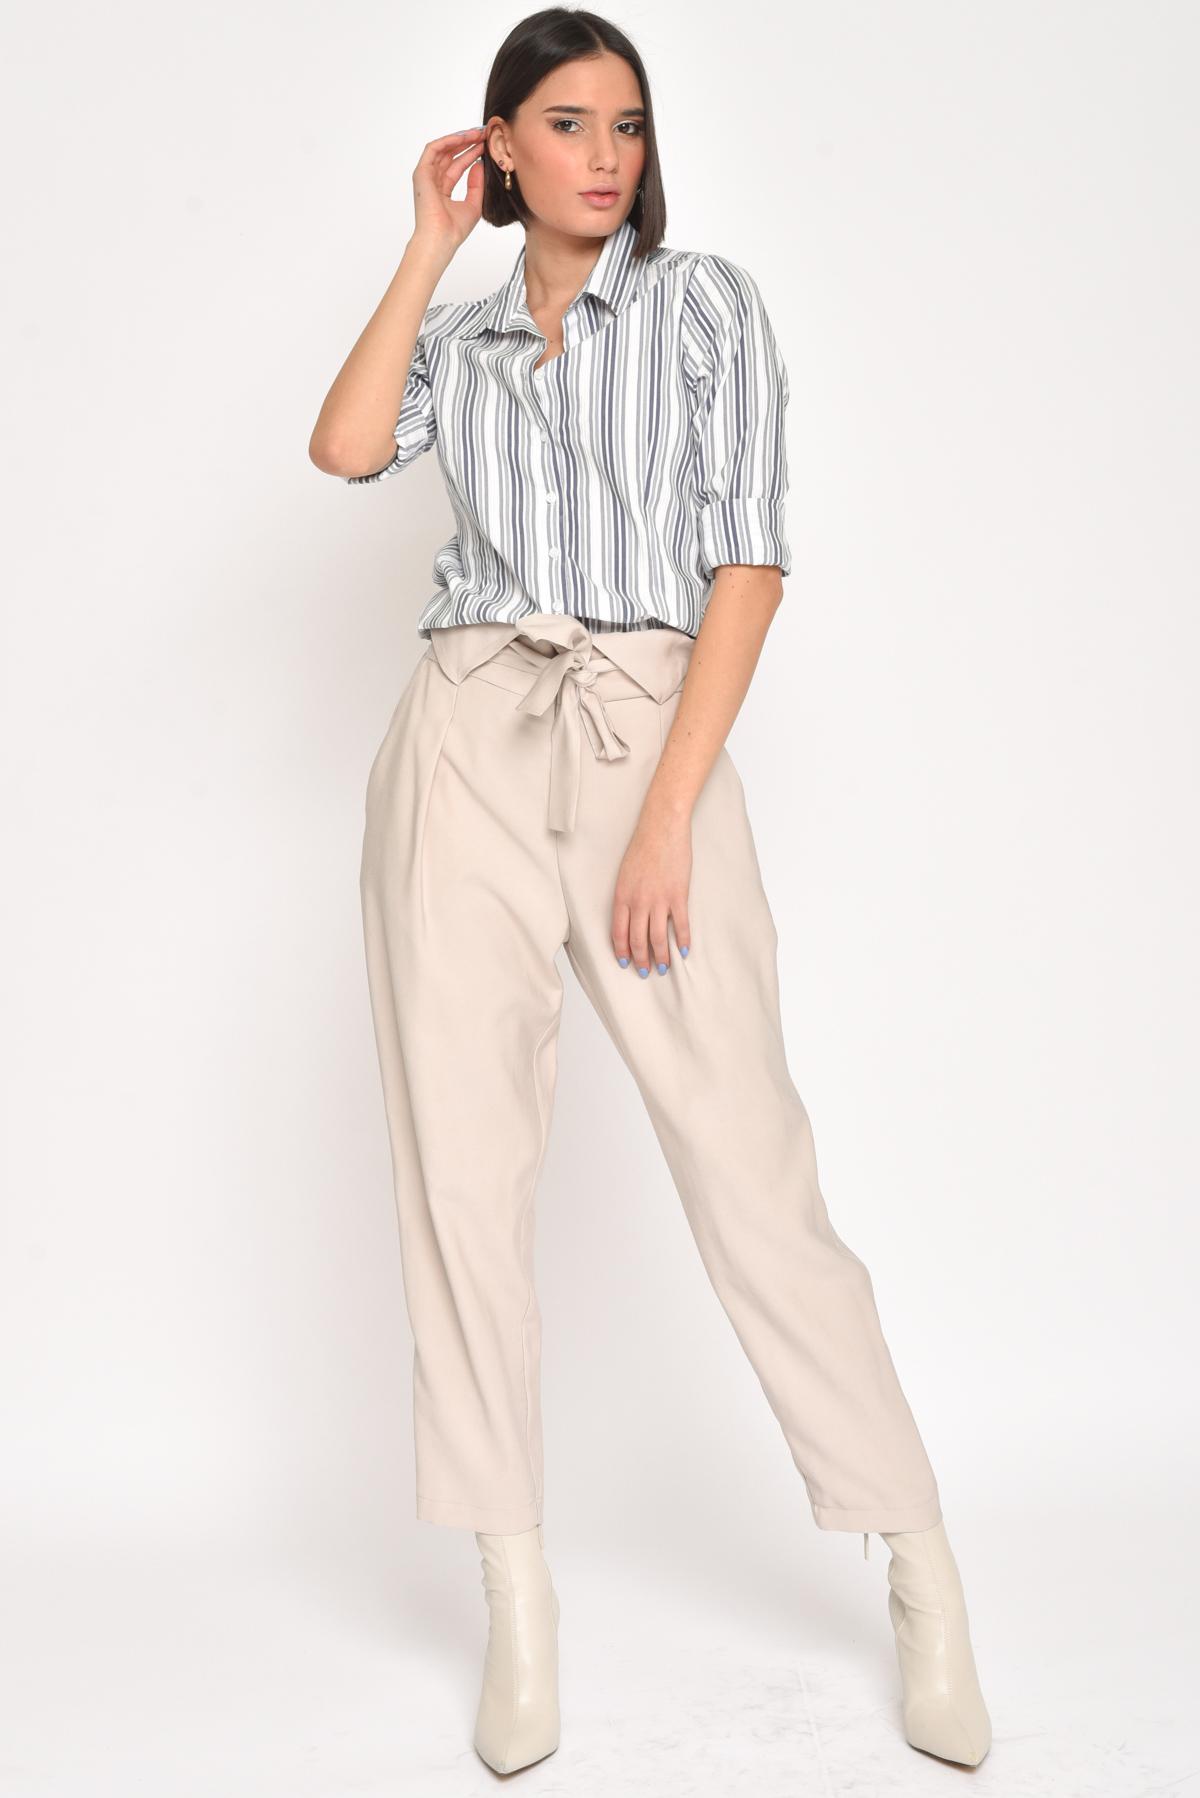 CAMICIA IN COTONE A RIGHE  da donna - BLU - Paquito Pronto Moda Shop Online